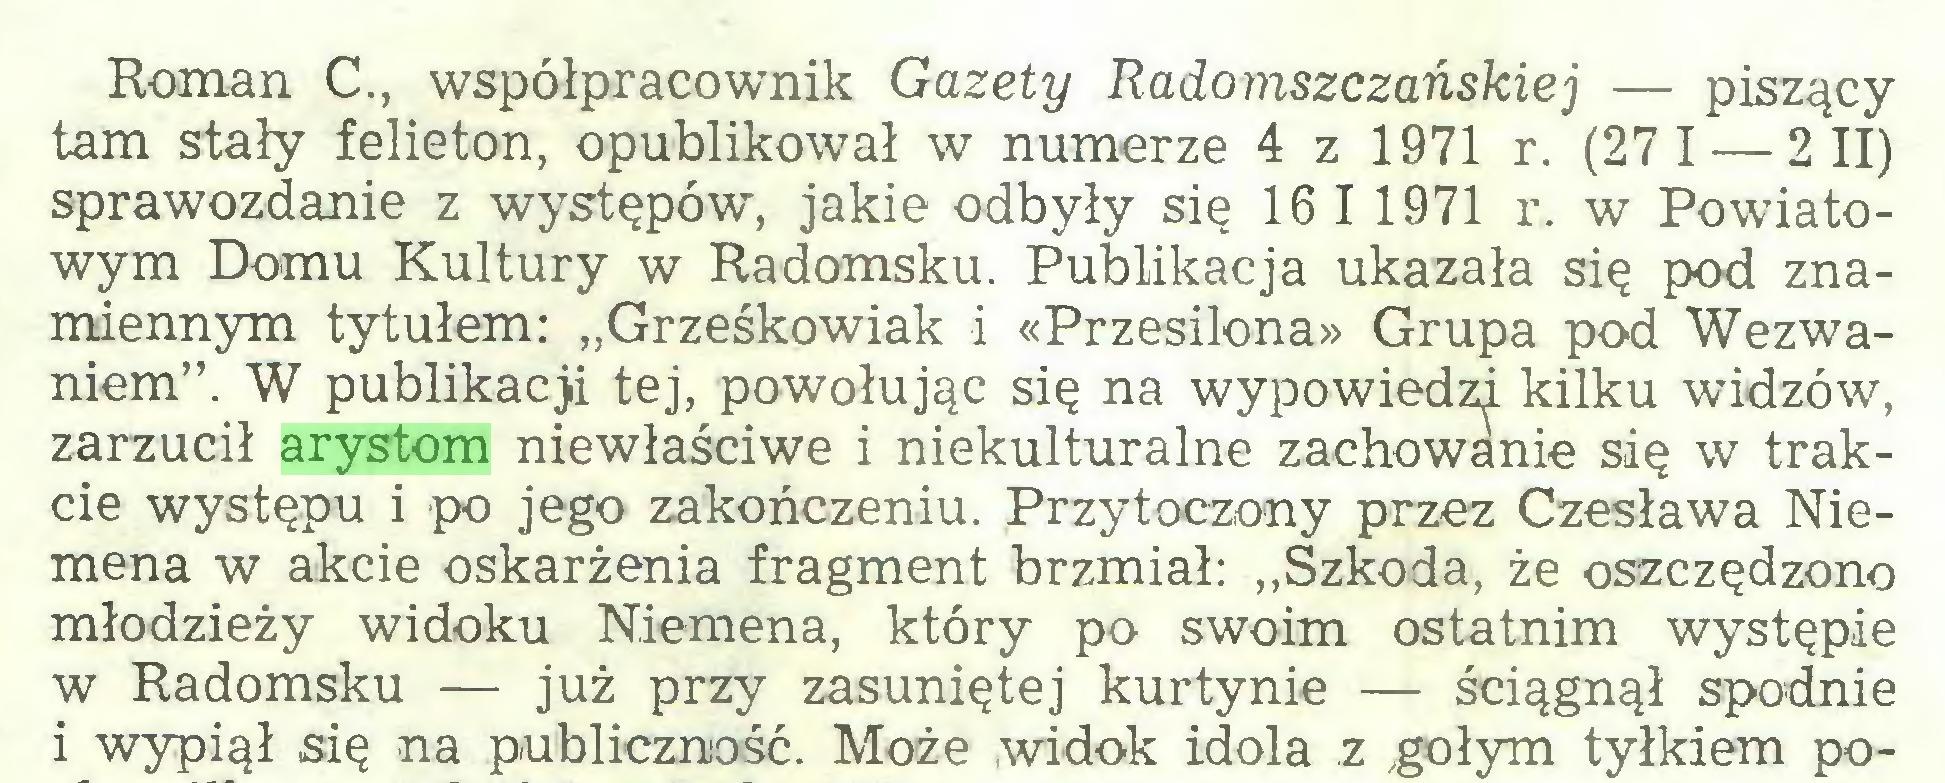 """(...) Roman C., współpracownik Gazety Radomszczańskiej — piszący tam stały felieton, opublikował w numerze 4 z 1971 r. (271 — 2 II) sprawozdanie z występów, jakie odbyły się 16 11971 r. w Powiatowym Domu Kultury w Radomsku. Publikacja ukazała się pod znamiennym tytułem: """"Grześkowiak i «Przesilona» Grupa pod Wezwaniem"""". W publikacji tej, powołując się na wypowiedzi kilku widzów, zarzucił arystom niewłaściwe i niekulturalne zachowanie się w trakcie występu i po jego zakończeniu. Przytoczony przez Czesława Niemena w akcie oskarżenia fragment brzmiał: """"Szkoda, że oszczędzono młodzieży widoku Niemena, który po swoim ostatnim występie w Radomsku — już przy zasuniętej kurtynie — ściągnął spodnie i wypiął się na publiczność. Może widok idola z .gołym tyłkiem po..."""